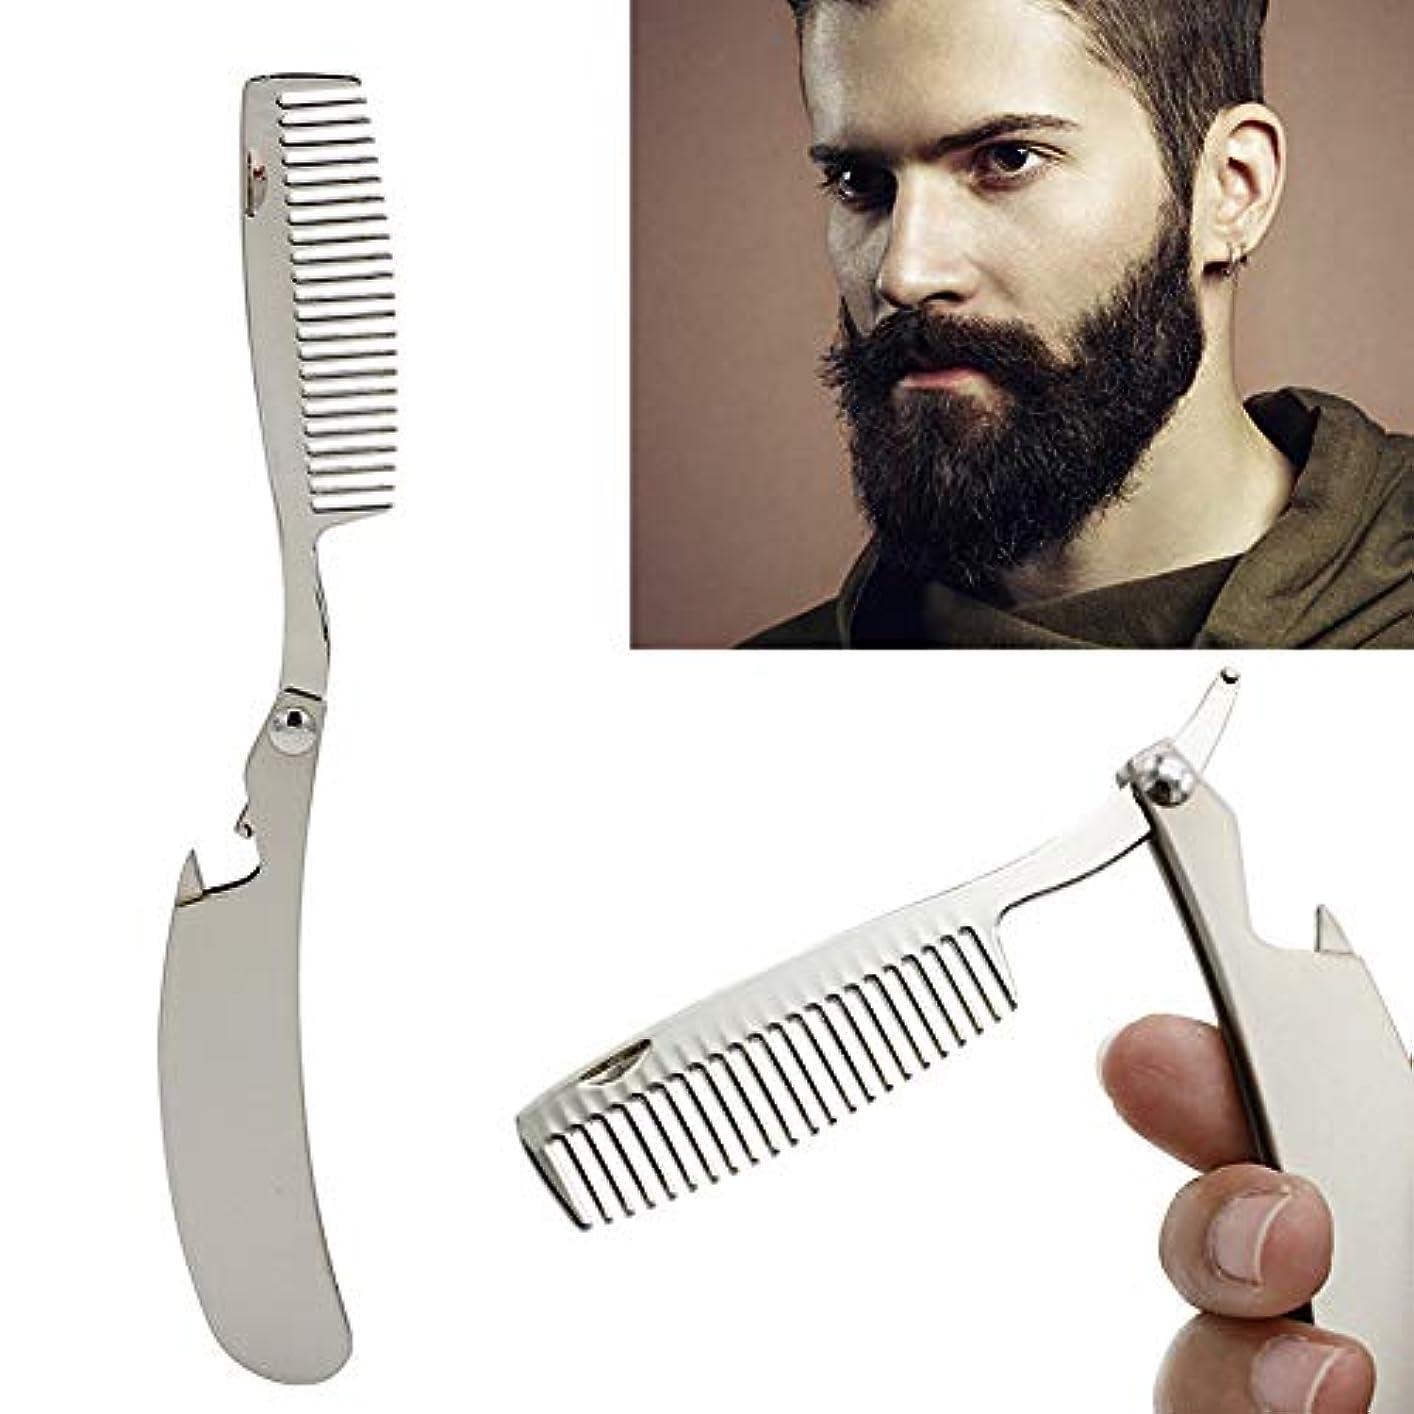 有用広大な多分ACHICOO ヘアコーム 男性専用 ステンレス鋼 折りたたみ 櫛 ミニ ポケット 髭ケア ツール